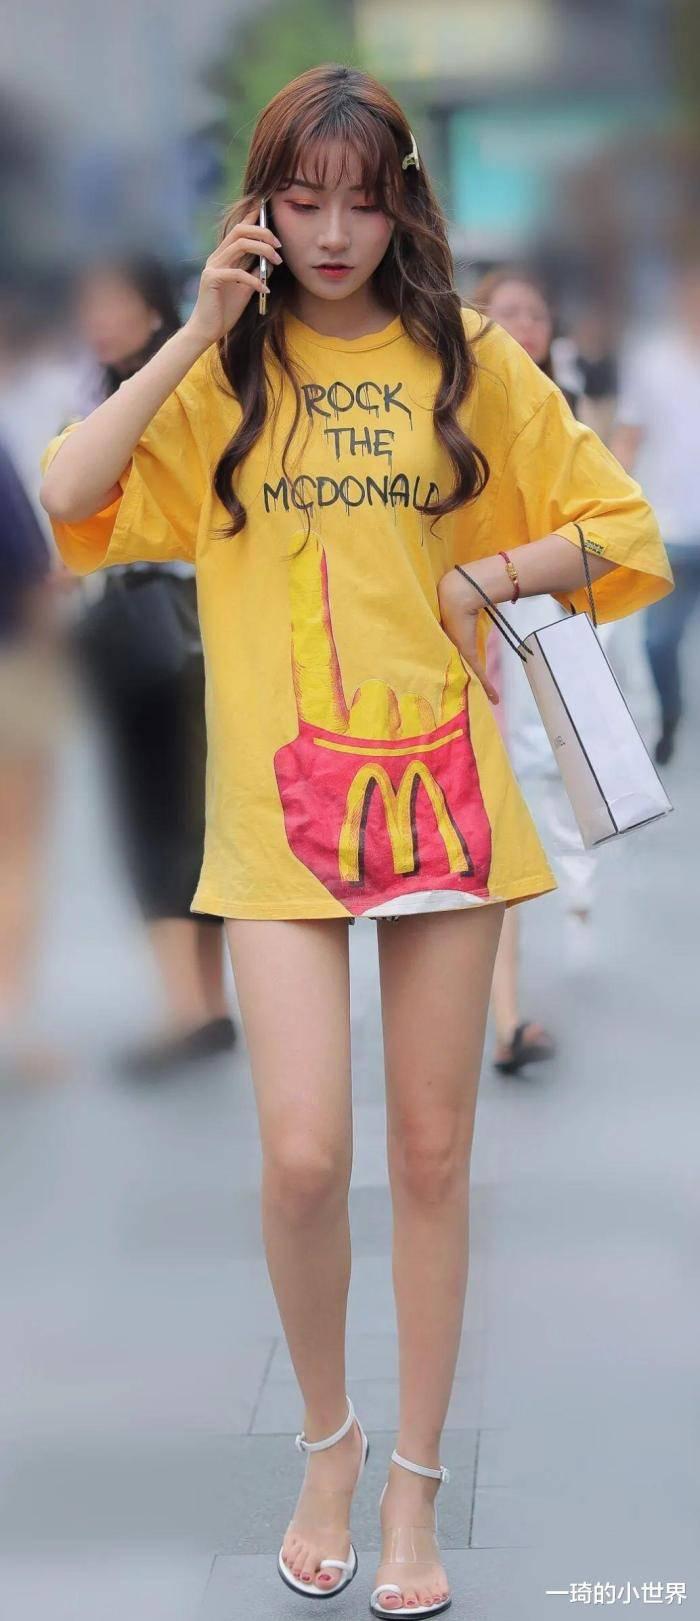 高顏值小姐姐穿麥當勞的衣服,肯德基得吃醋了